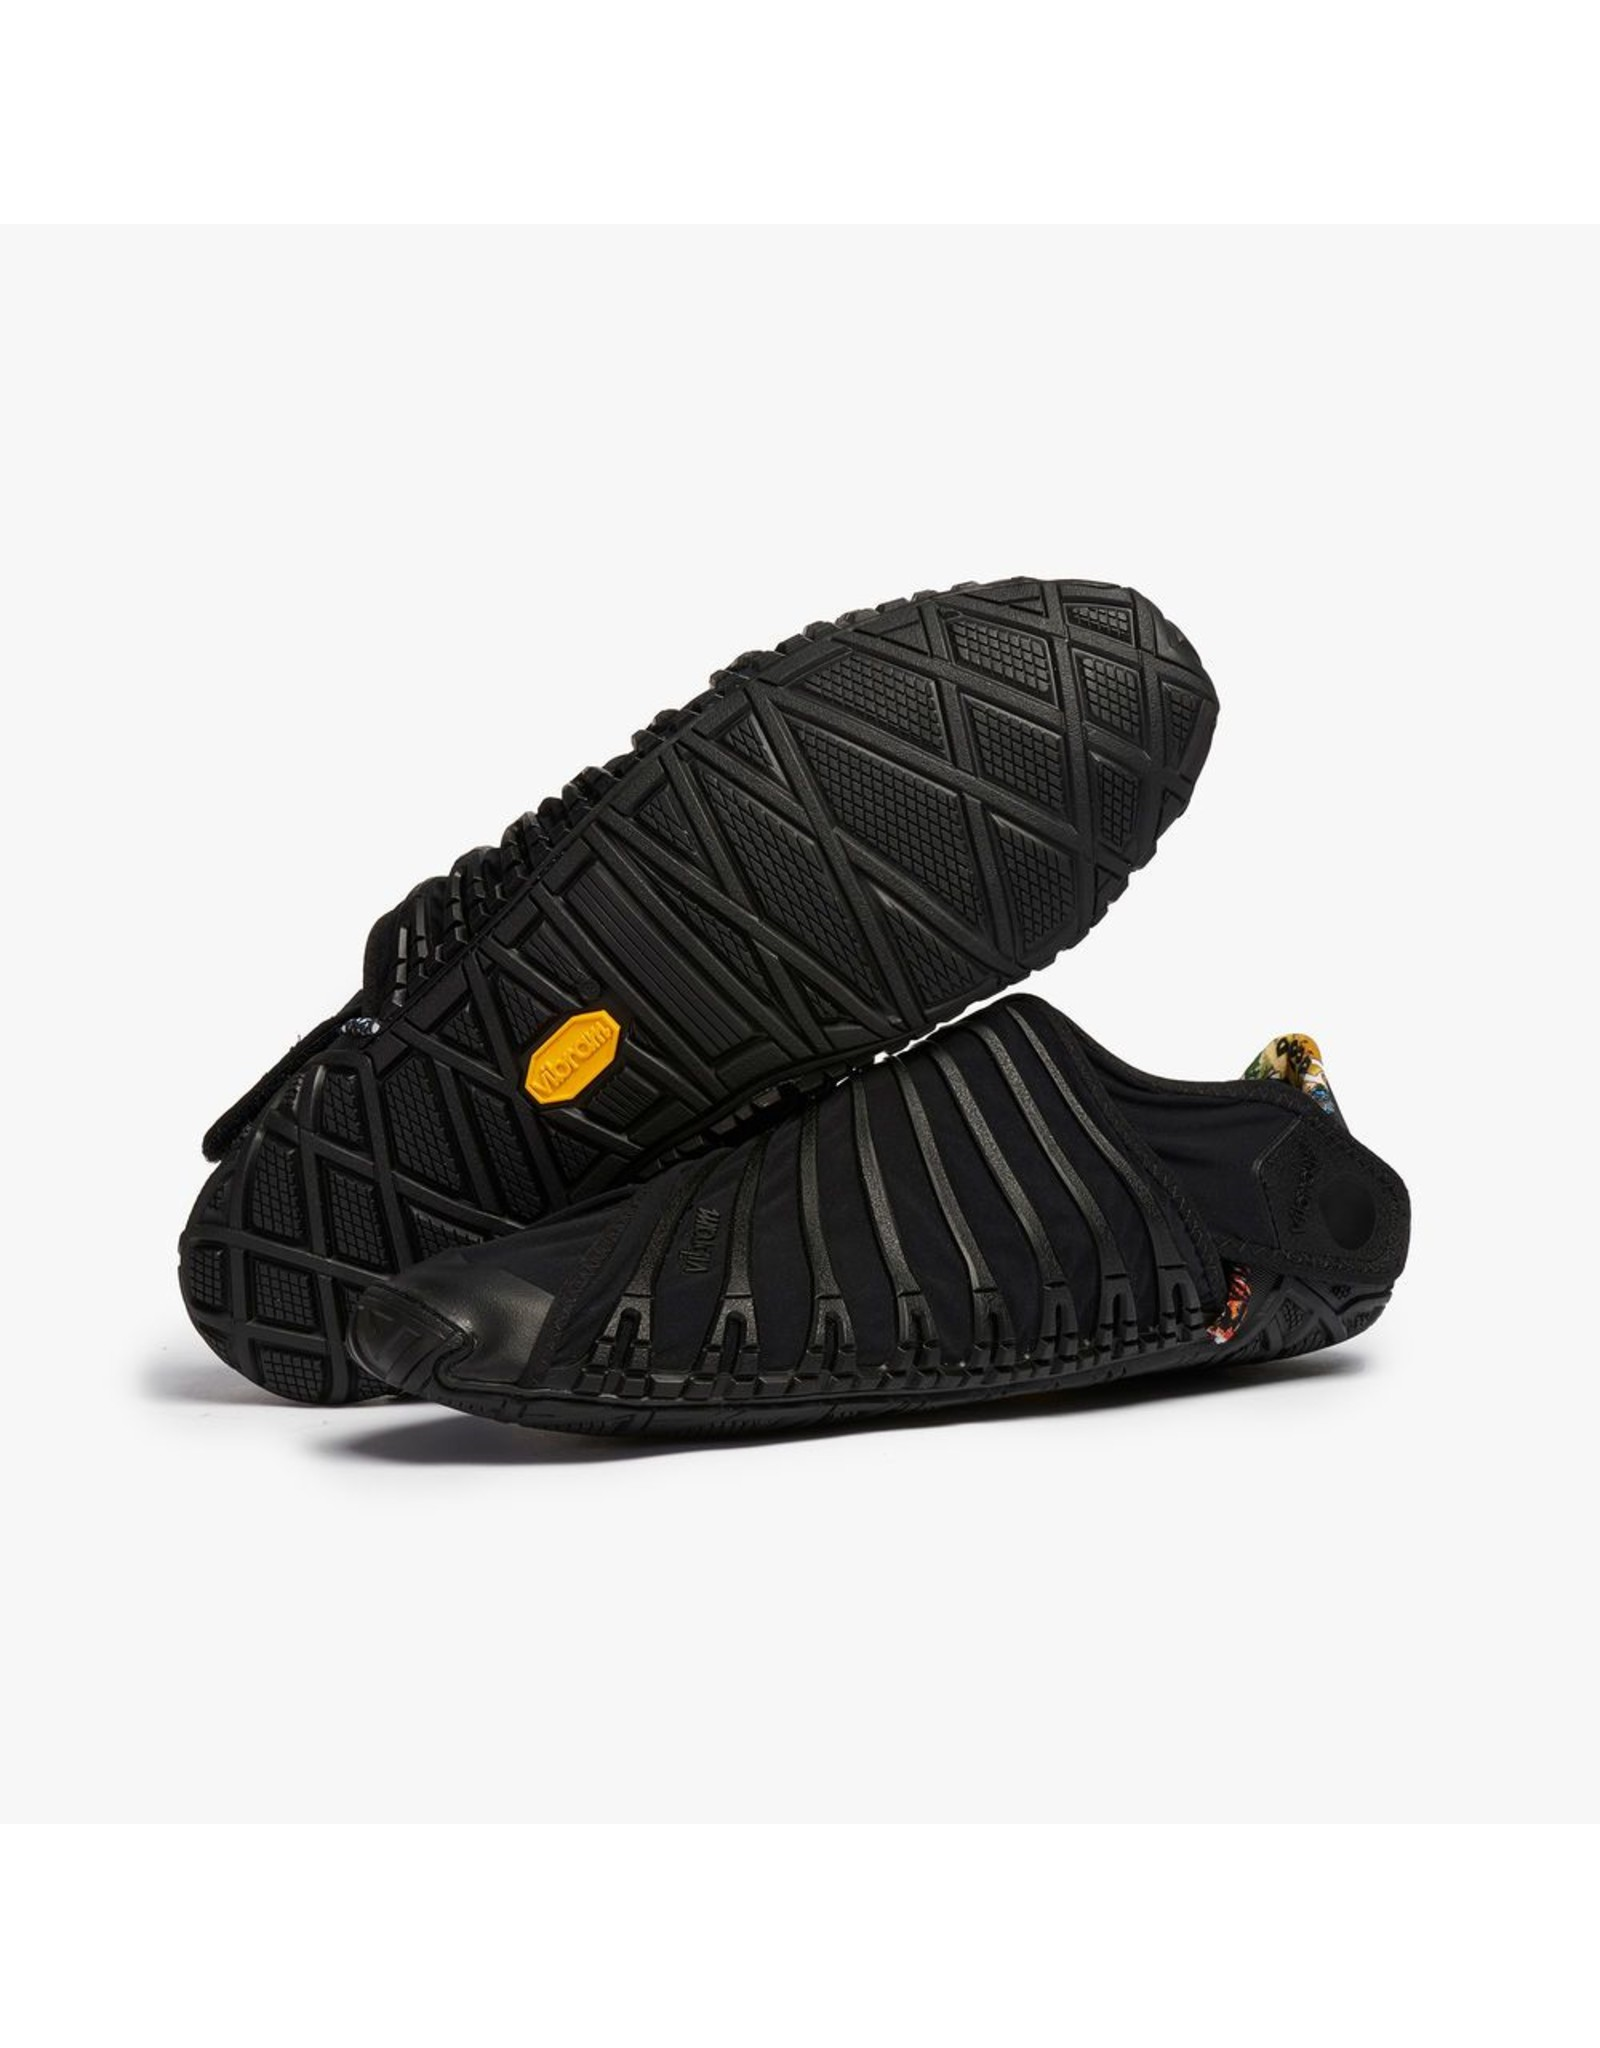 Vibram Furoshiki Black Unisex Shoe